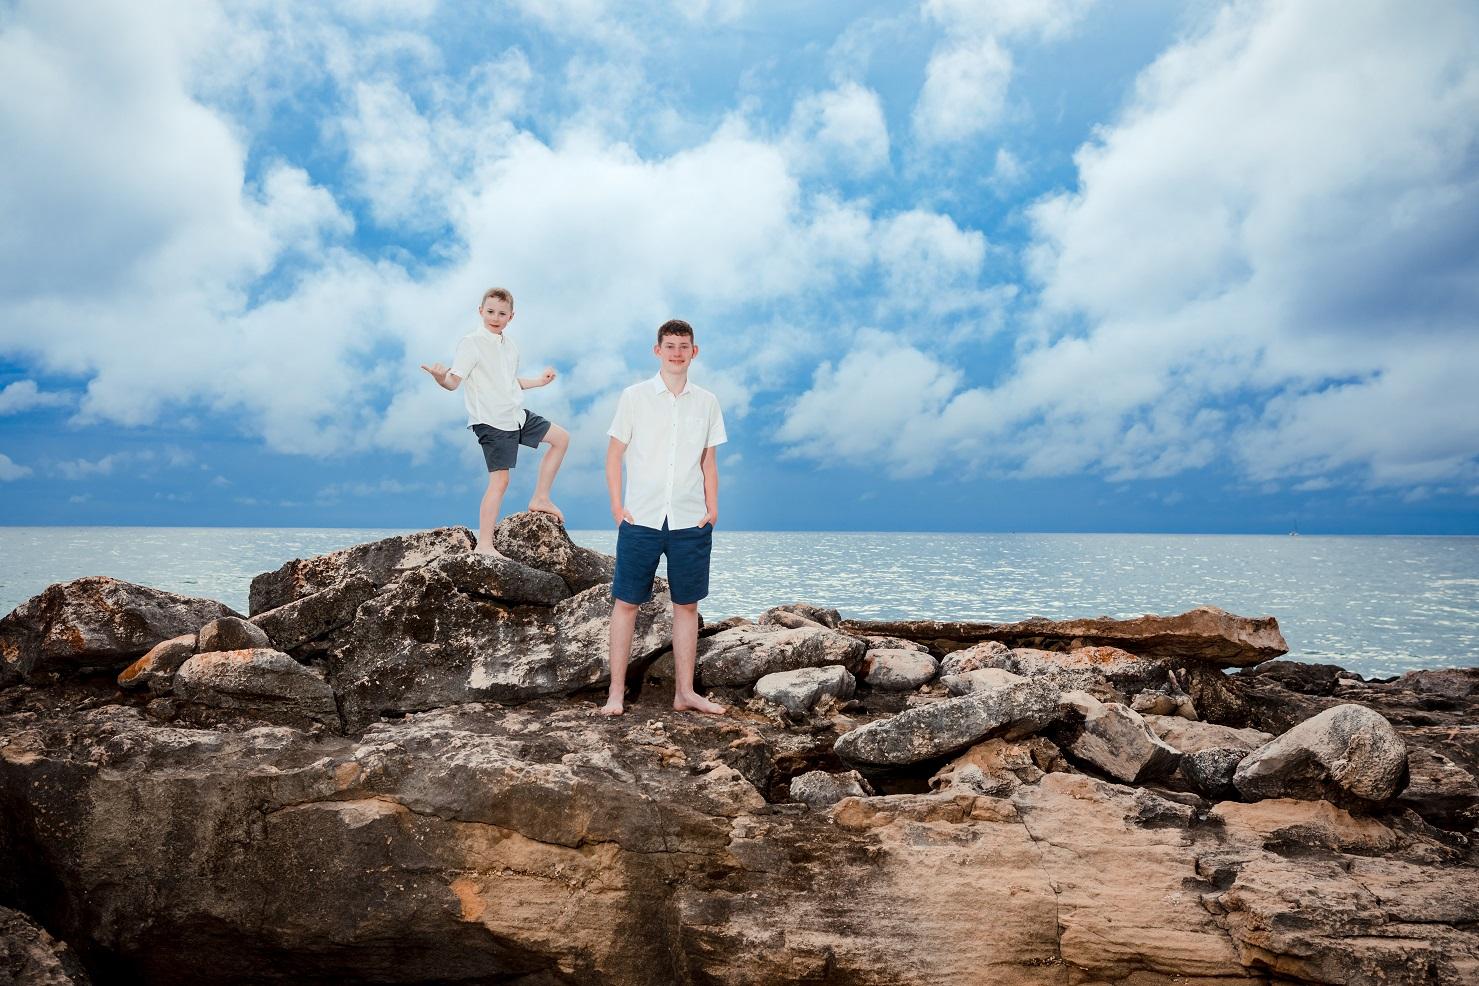 two boys on a rock sunset beach oahu hawaii